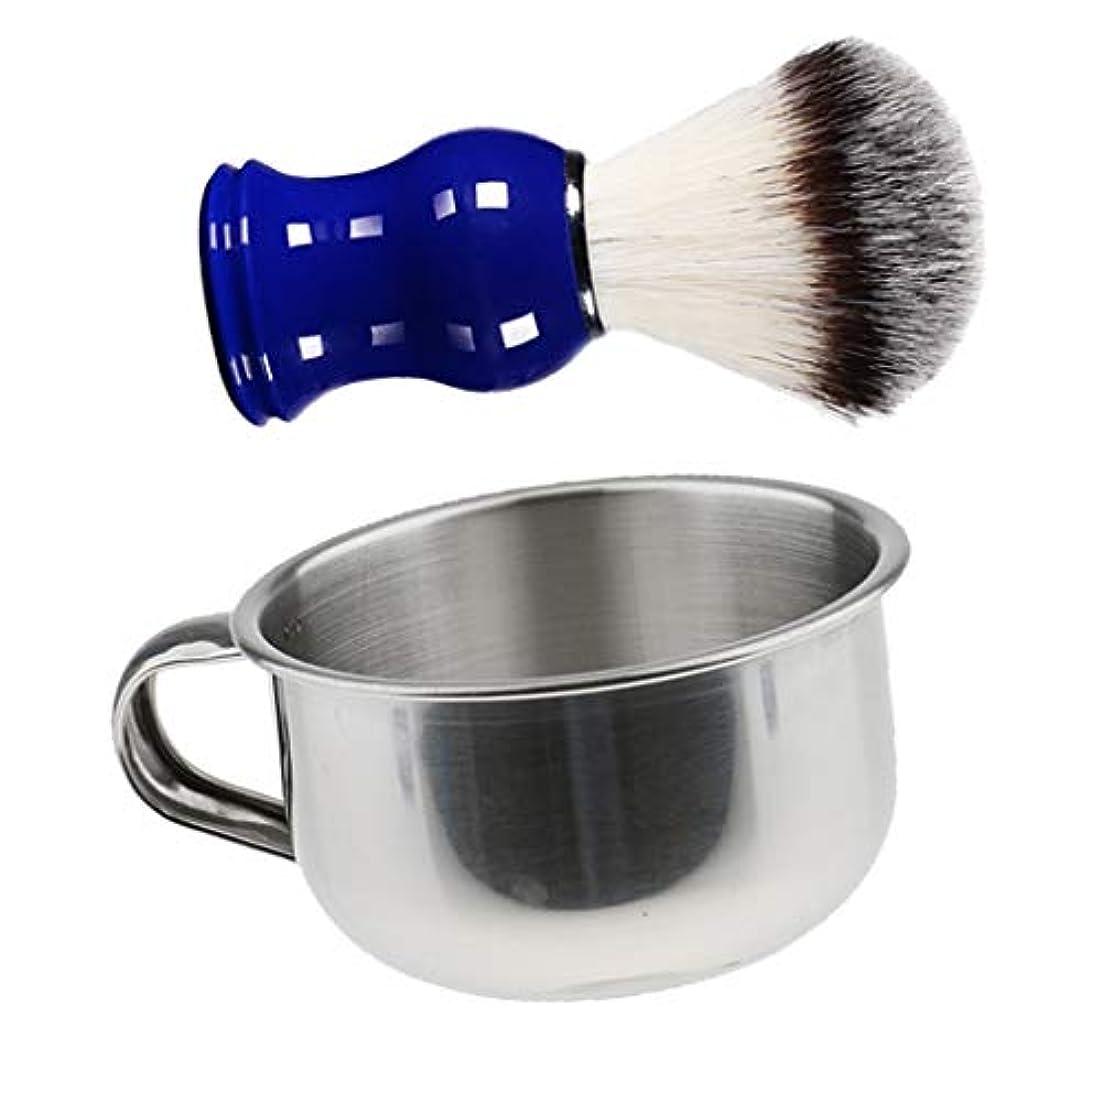 ガイダンスセラフ天井Baoblaze シェービングブラシセット ステンレス製シェービングボウル メンズ 理容 洗顔 髭剃り 泡立ち 実用的